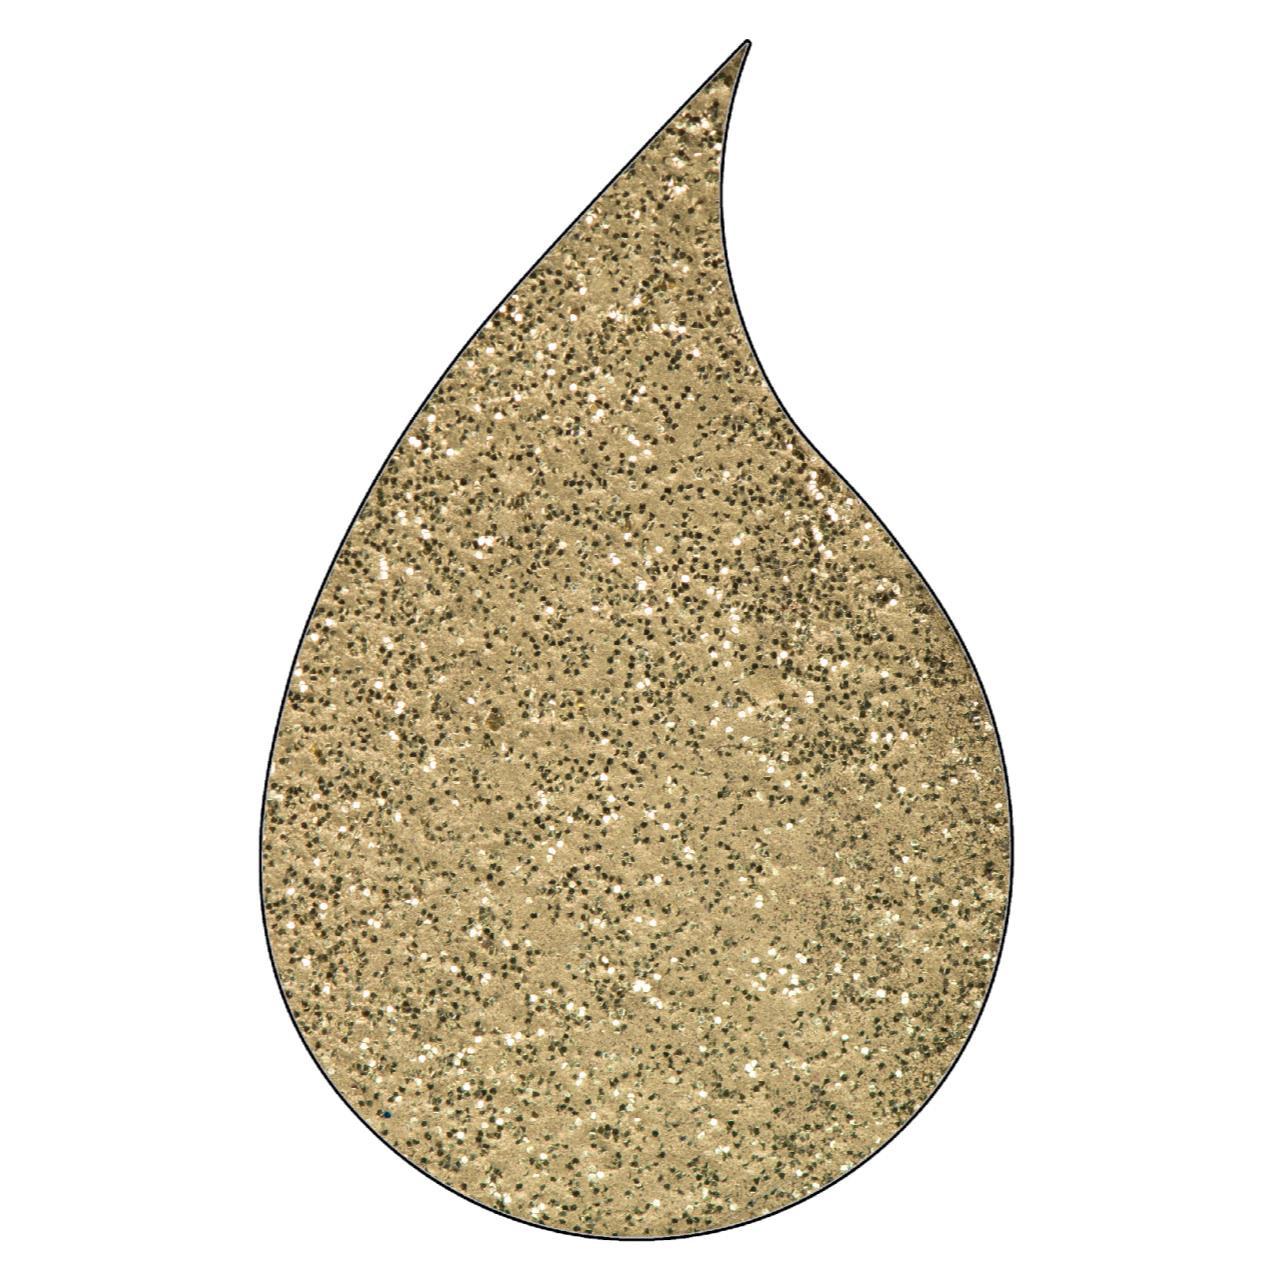 WOW Embossing Powder, Regular - Metallic Gold Sparkle -